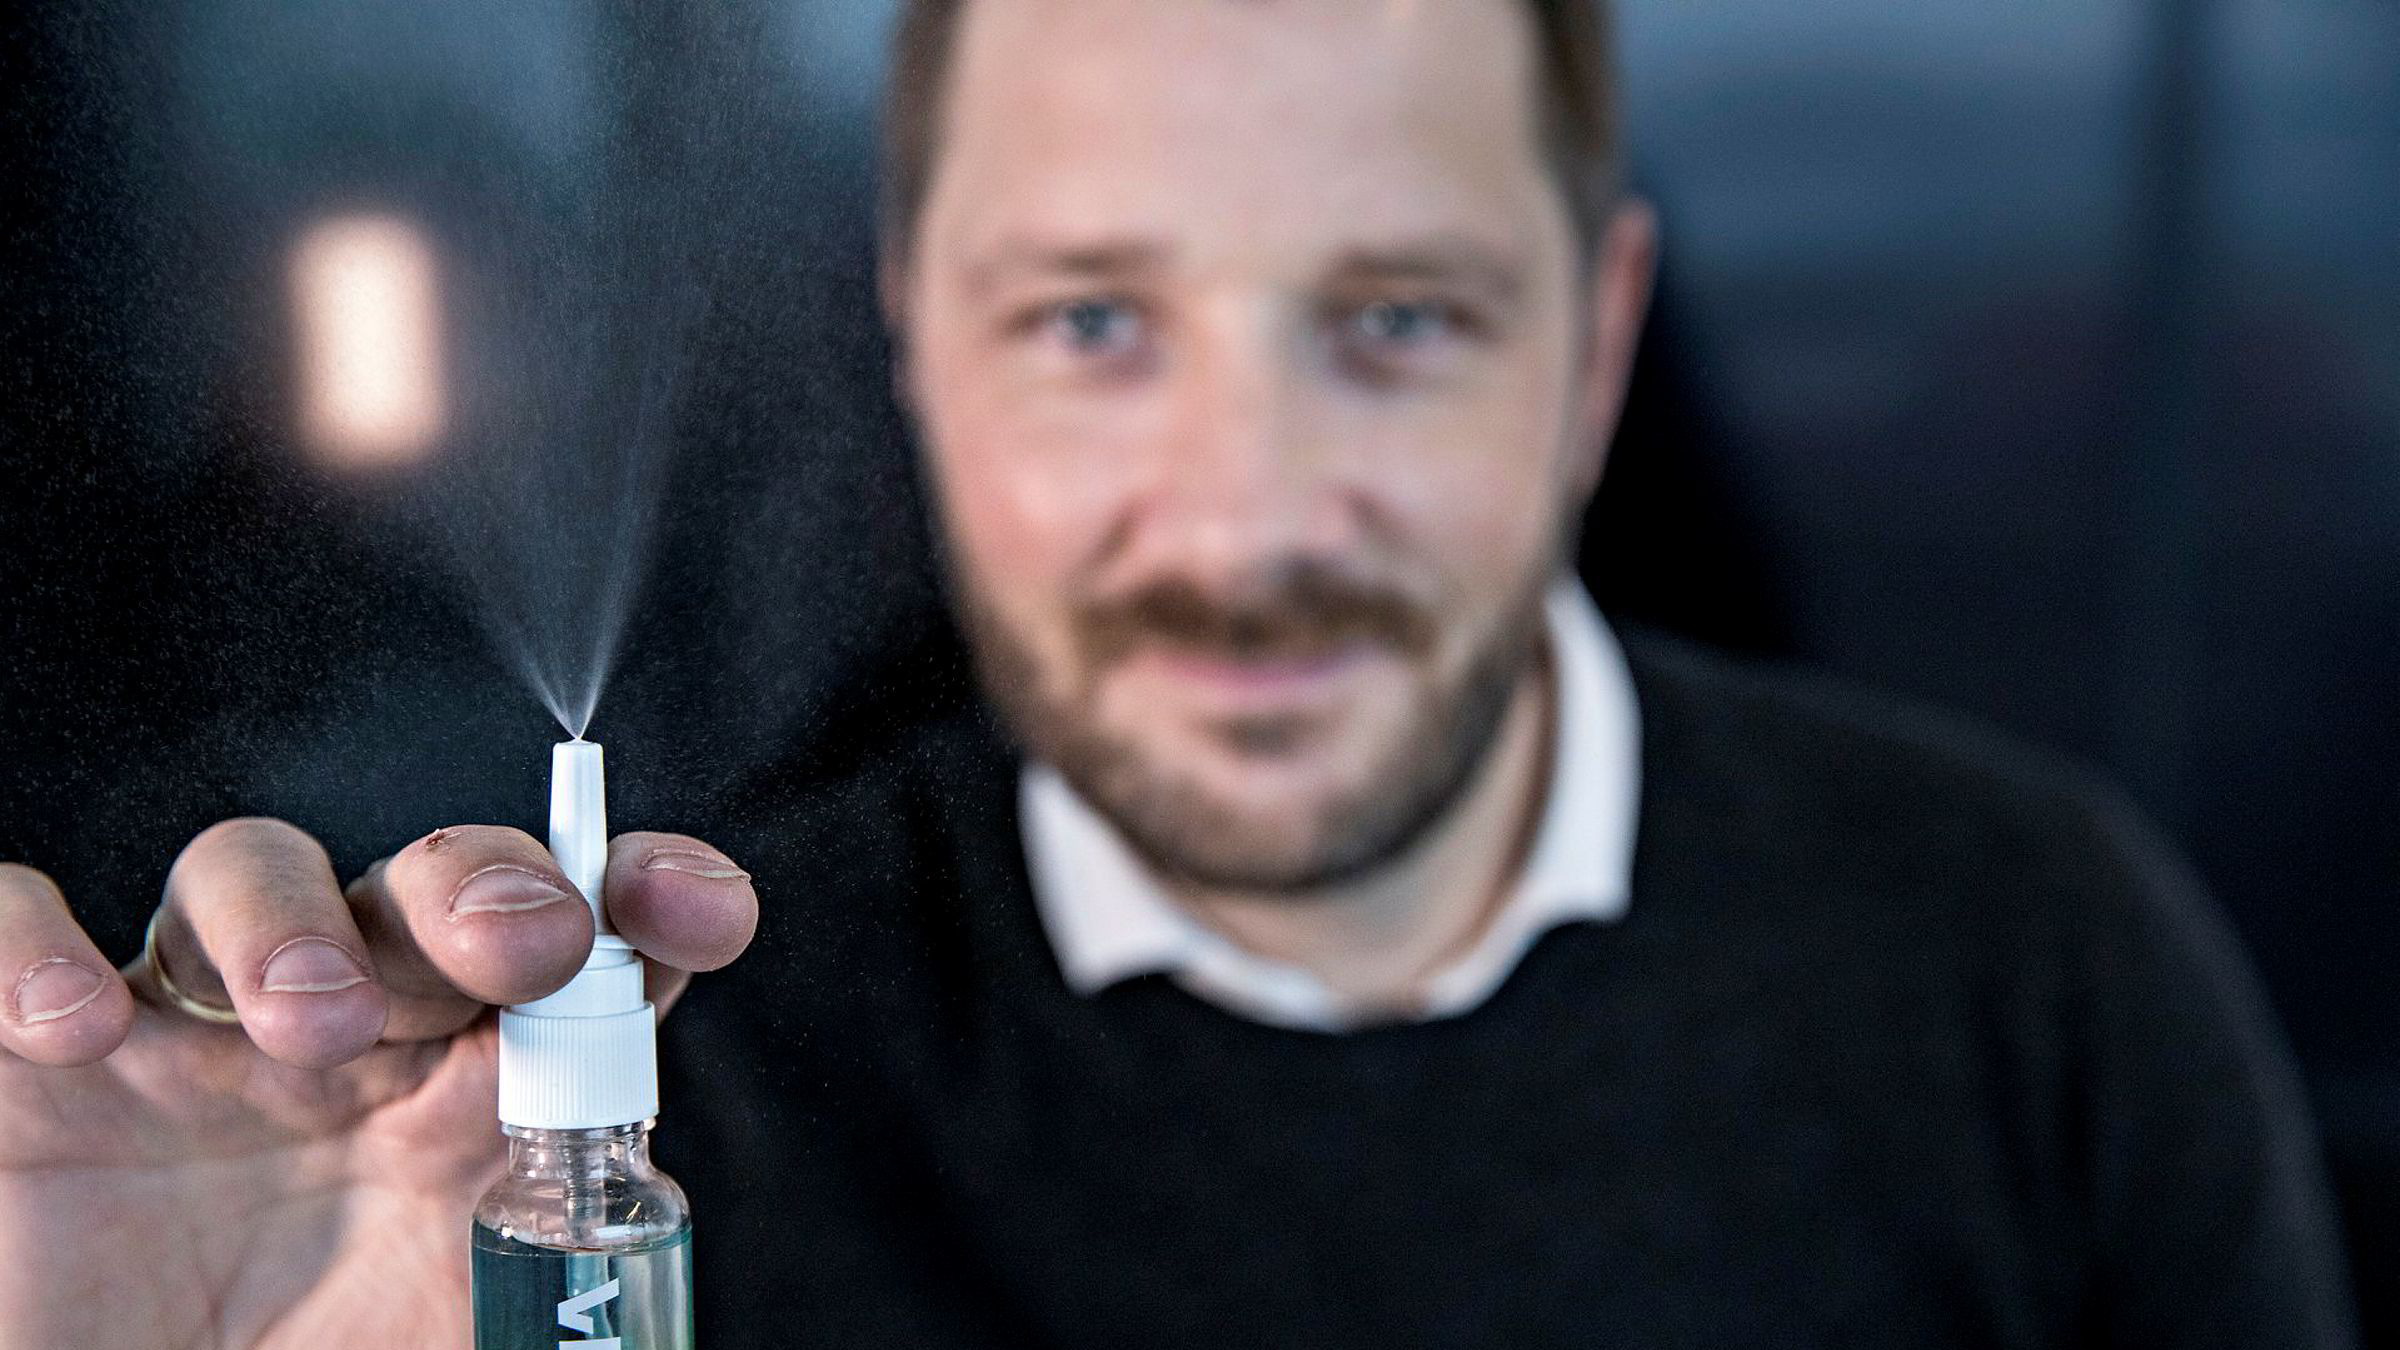 Med virkestoff hentet frem fra havbunnen, har helsegründer Jan Remmereit utviklet denne forebyggende sprayen mot forkjølelse som nå introduseres i apotek. Frode Fagermo (bildet) leder den kommersielle utviklingen som daglig leder i selskapet Viiral.